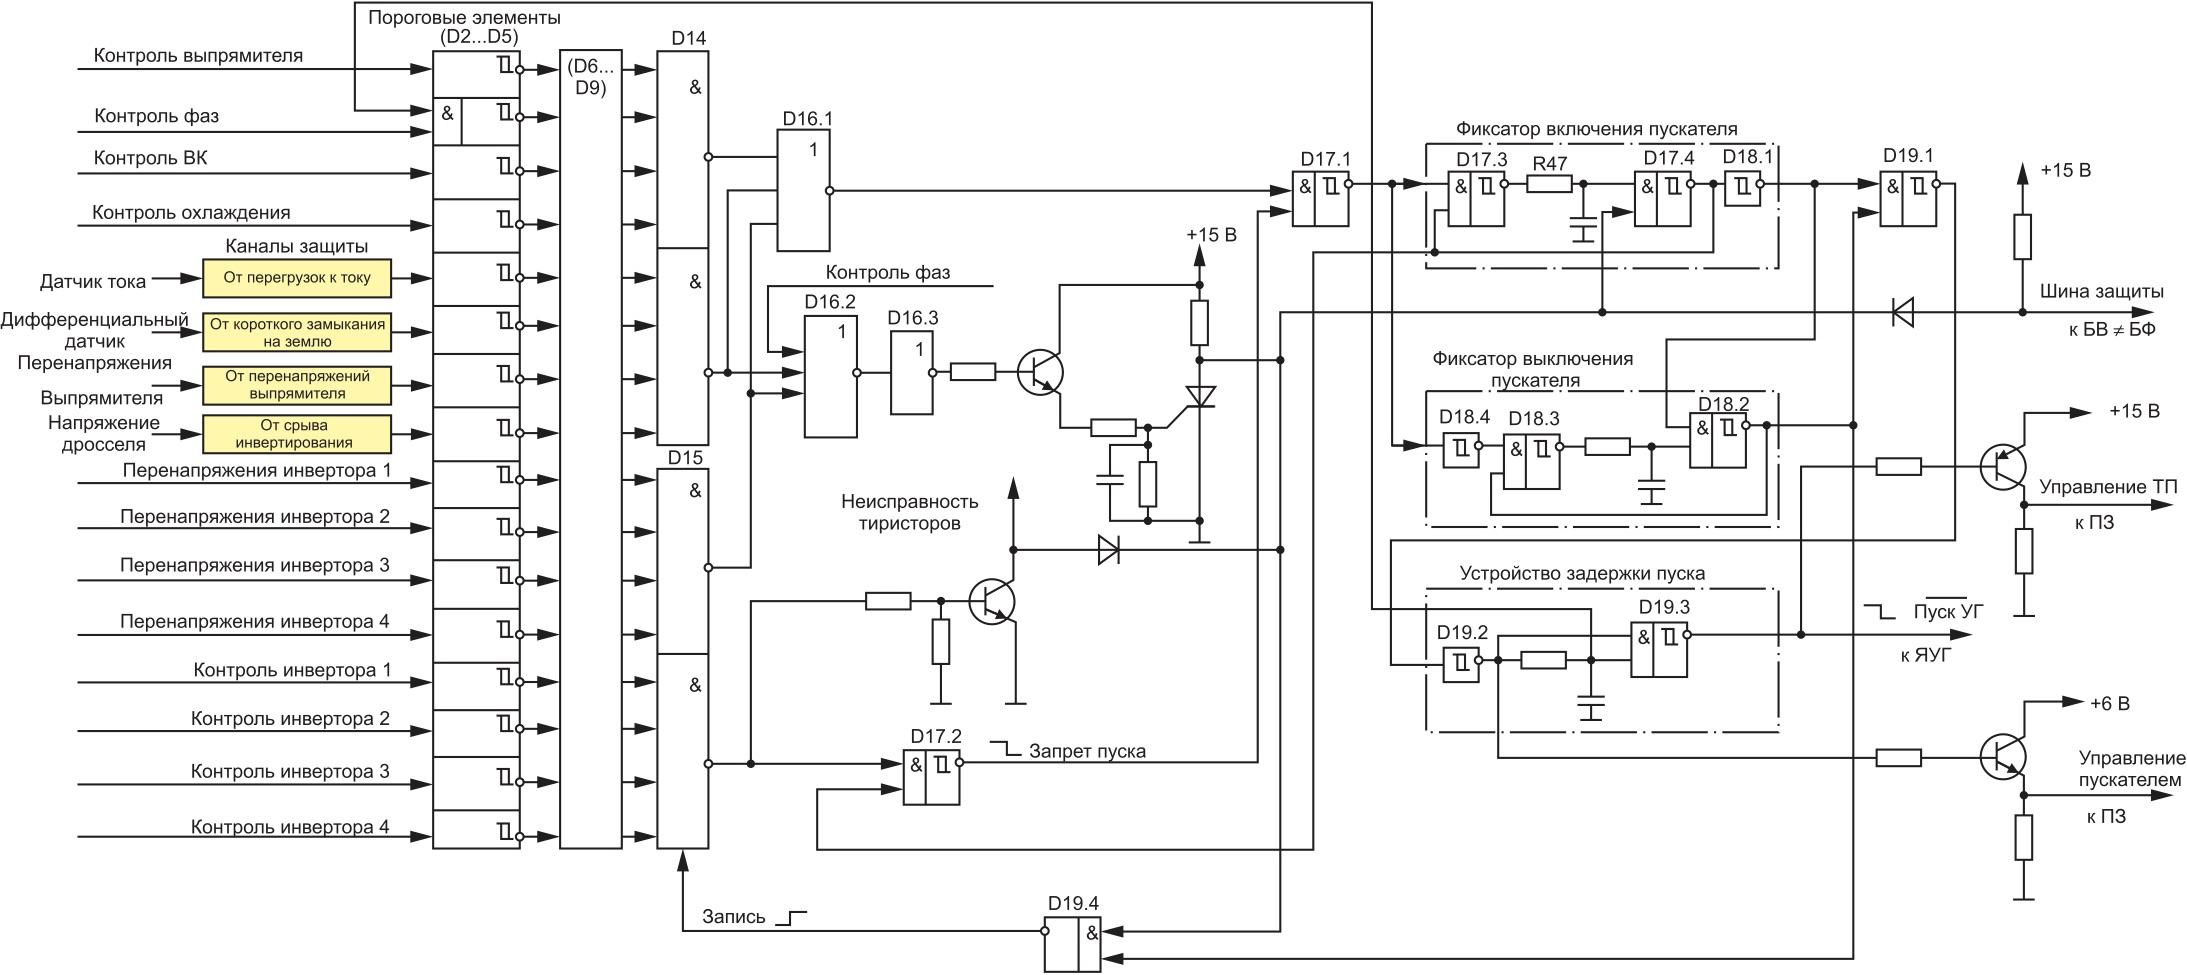 Электрическая функциональная схема ячейки пуска и защиты